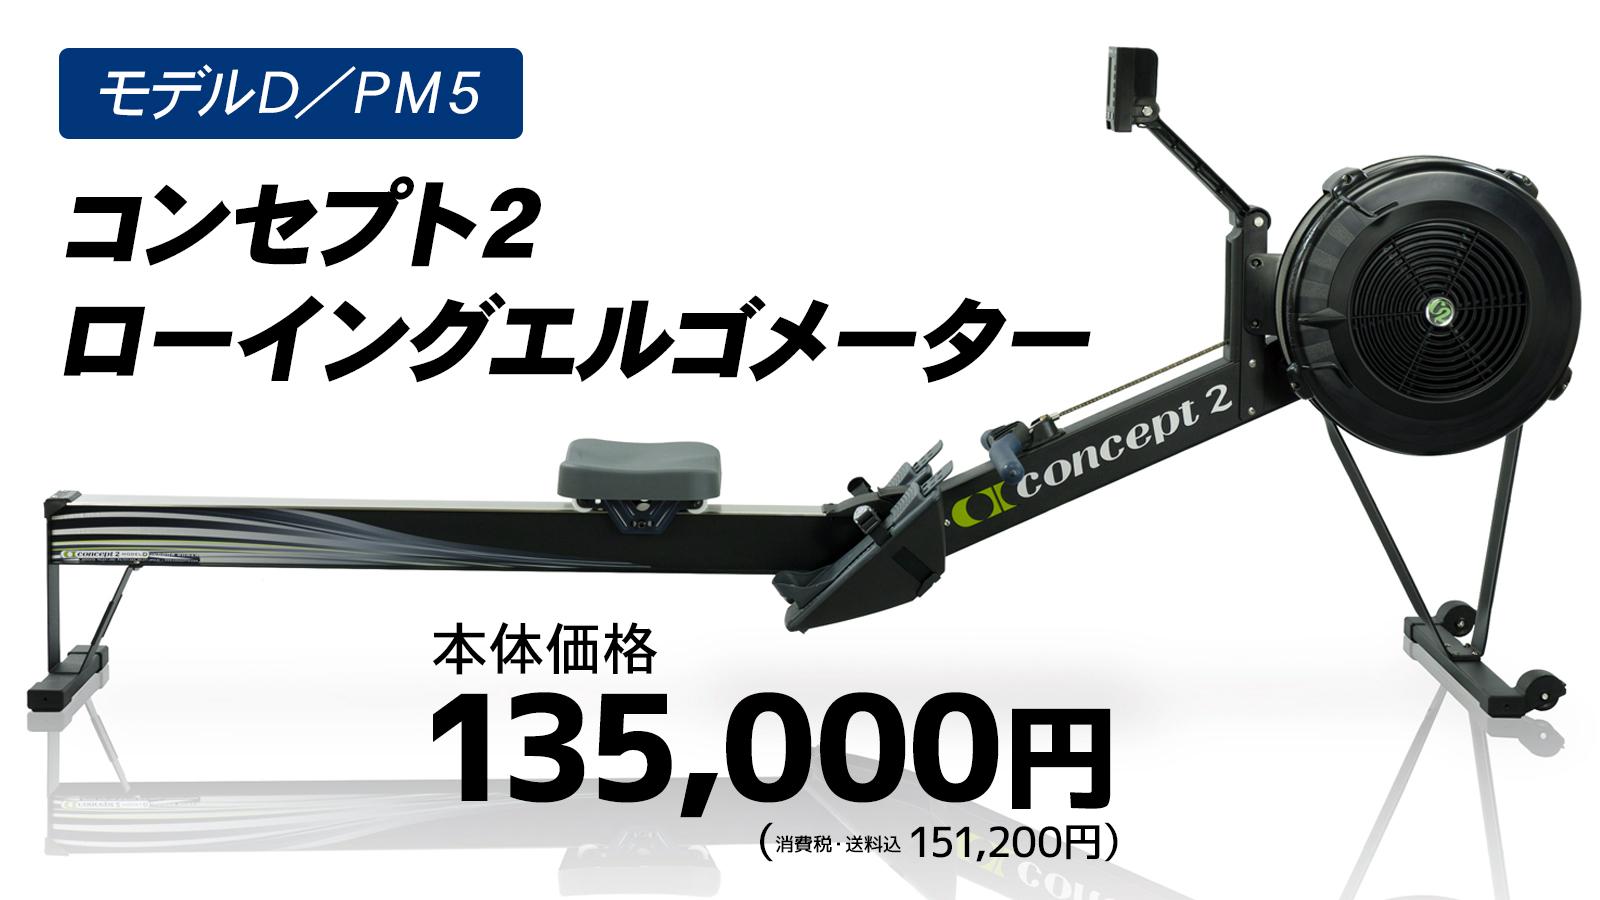 コンセプト2ローイングエルゴメーターモデルD/PM5